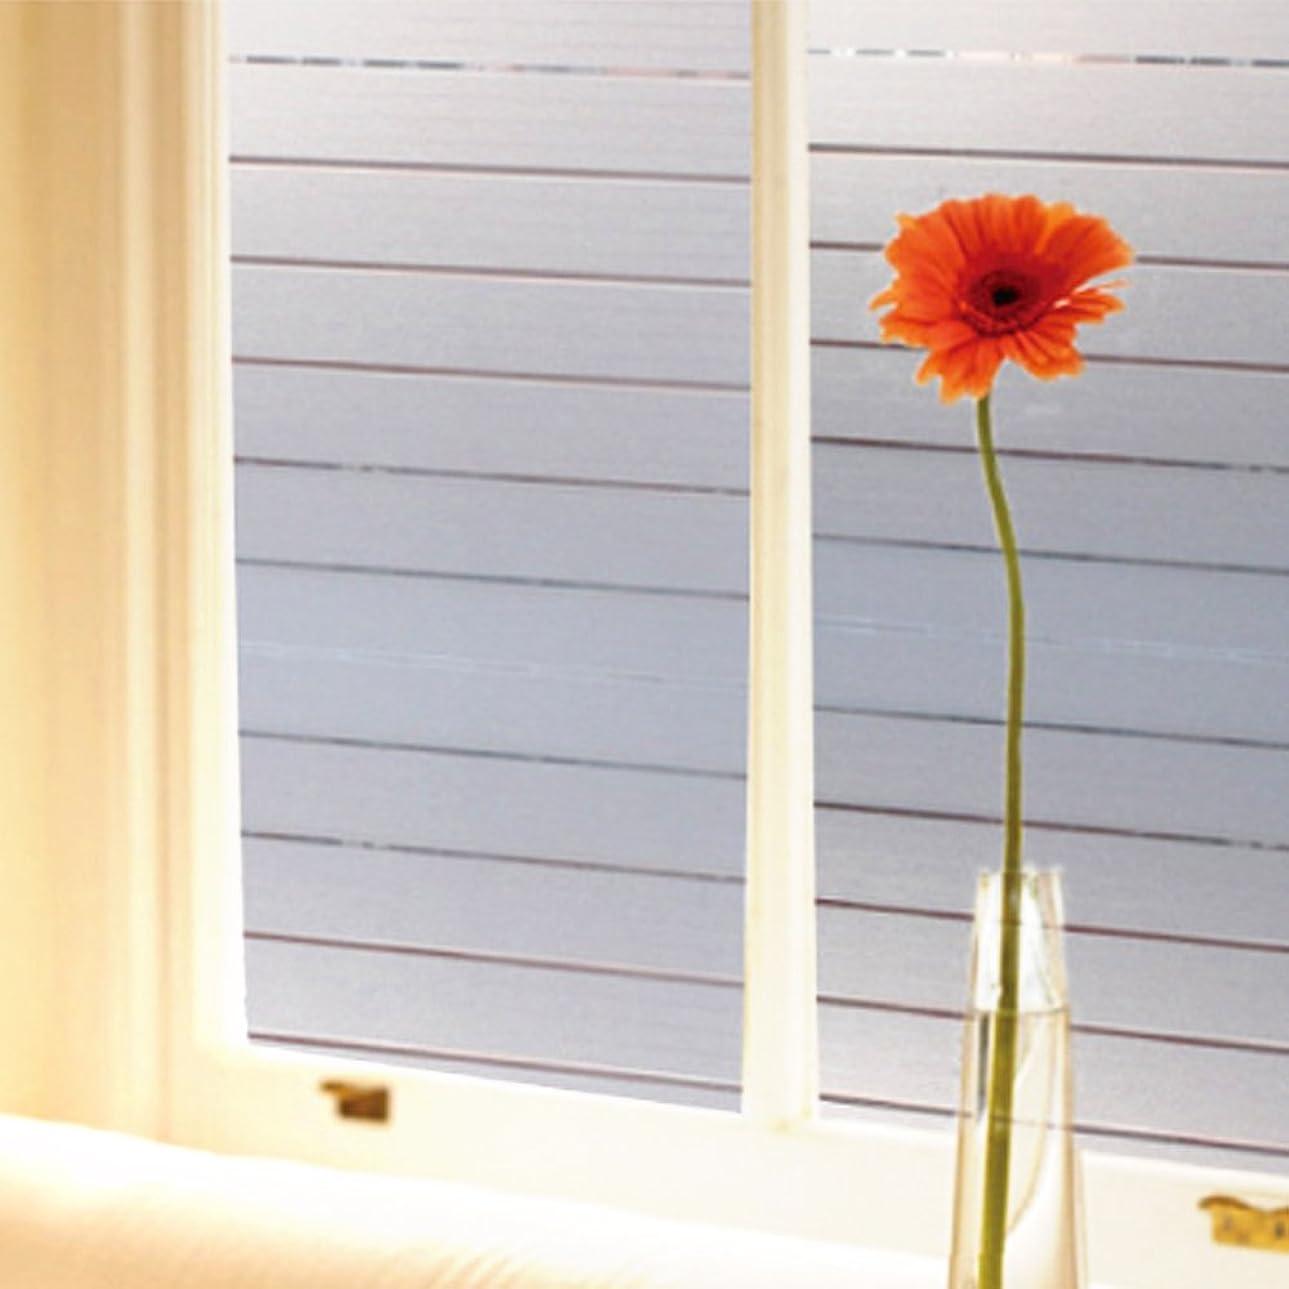 温帯拍車活気づくSmaTabi 窓用フィルム ガラスフィルム 窓 水だけで貼れる 目隠しシート 遮光 断熱 UVカット (90cm x 200cm ワイドボーダー柄)